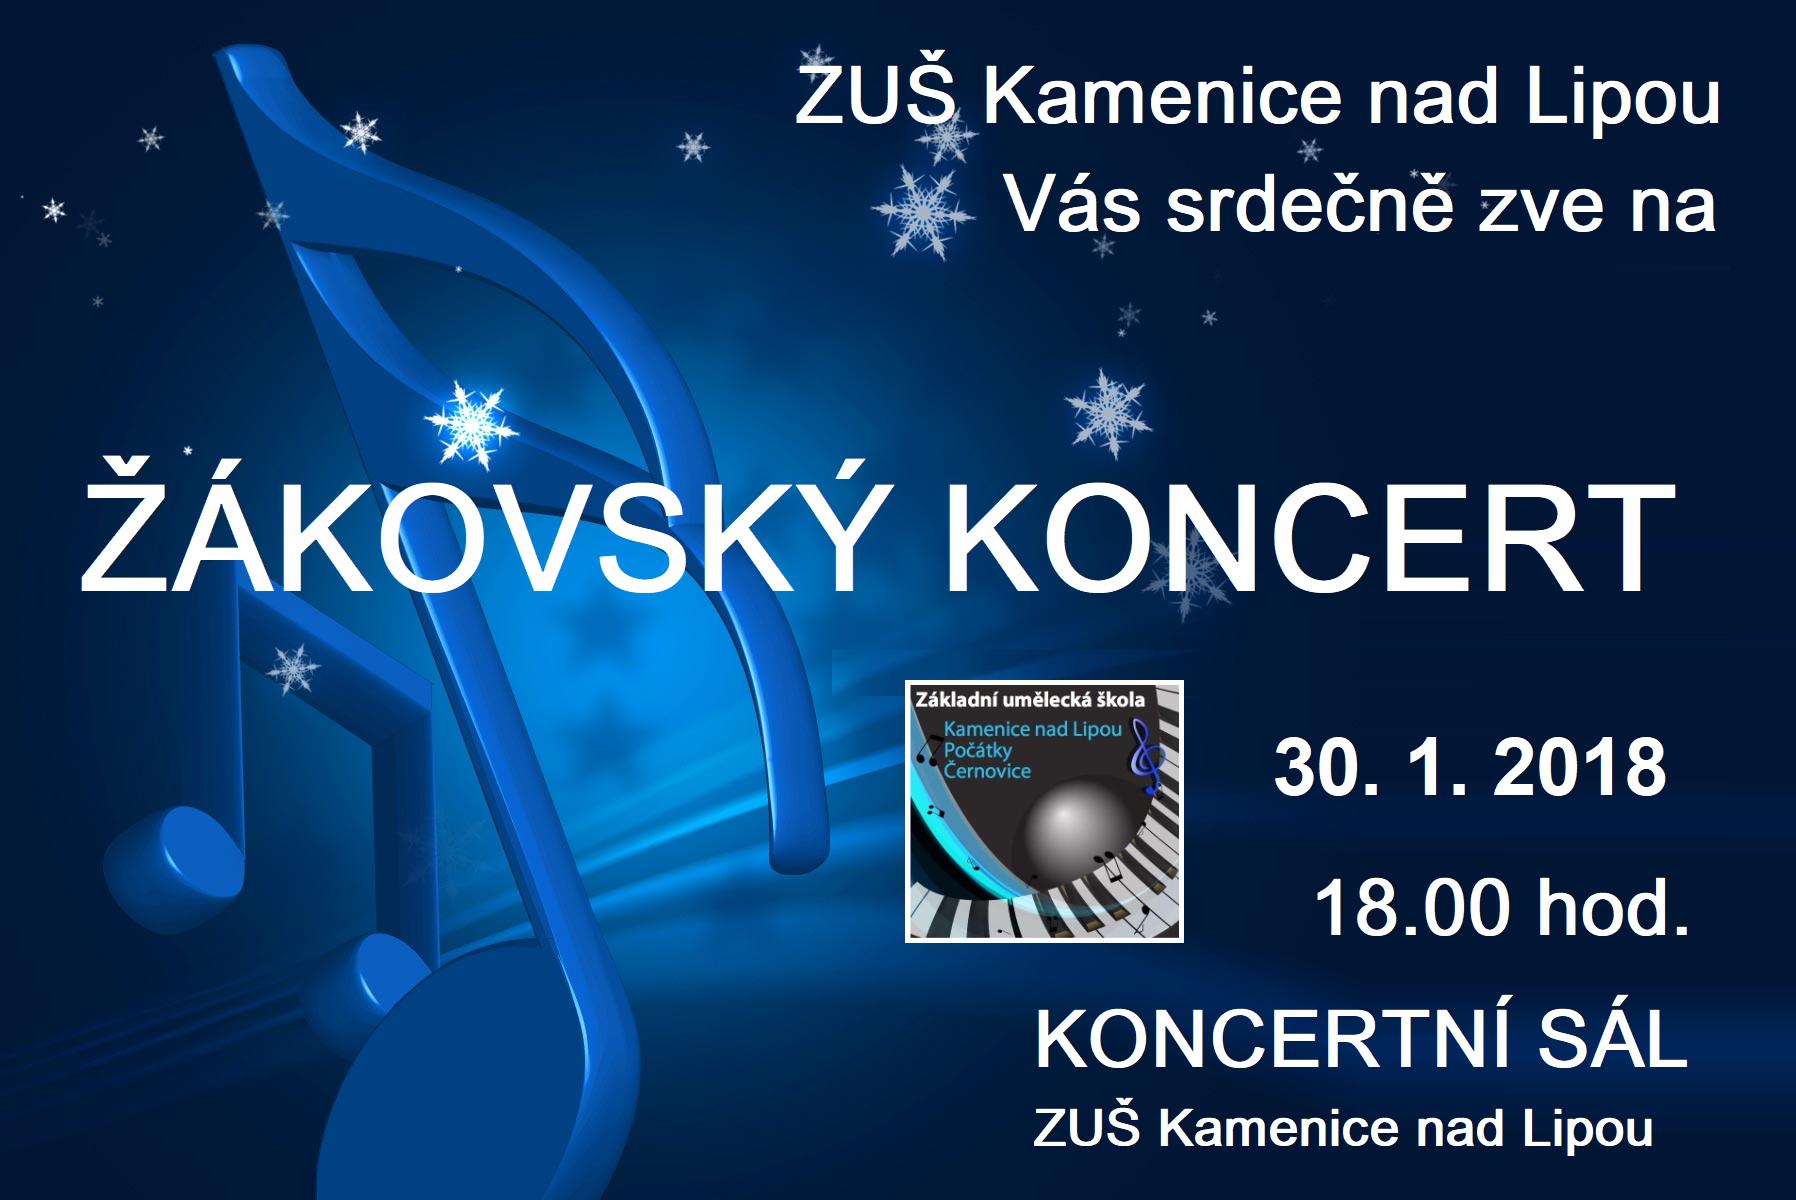 30. 1. 2018 - ŽÁKOVSKÝ KONCERT KAMENICE NAD LIPOU